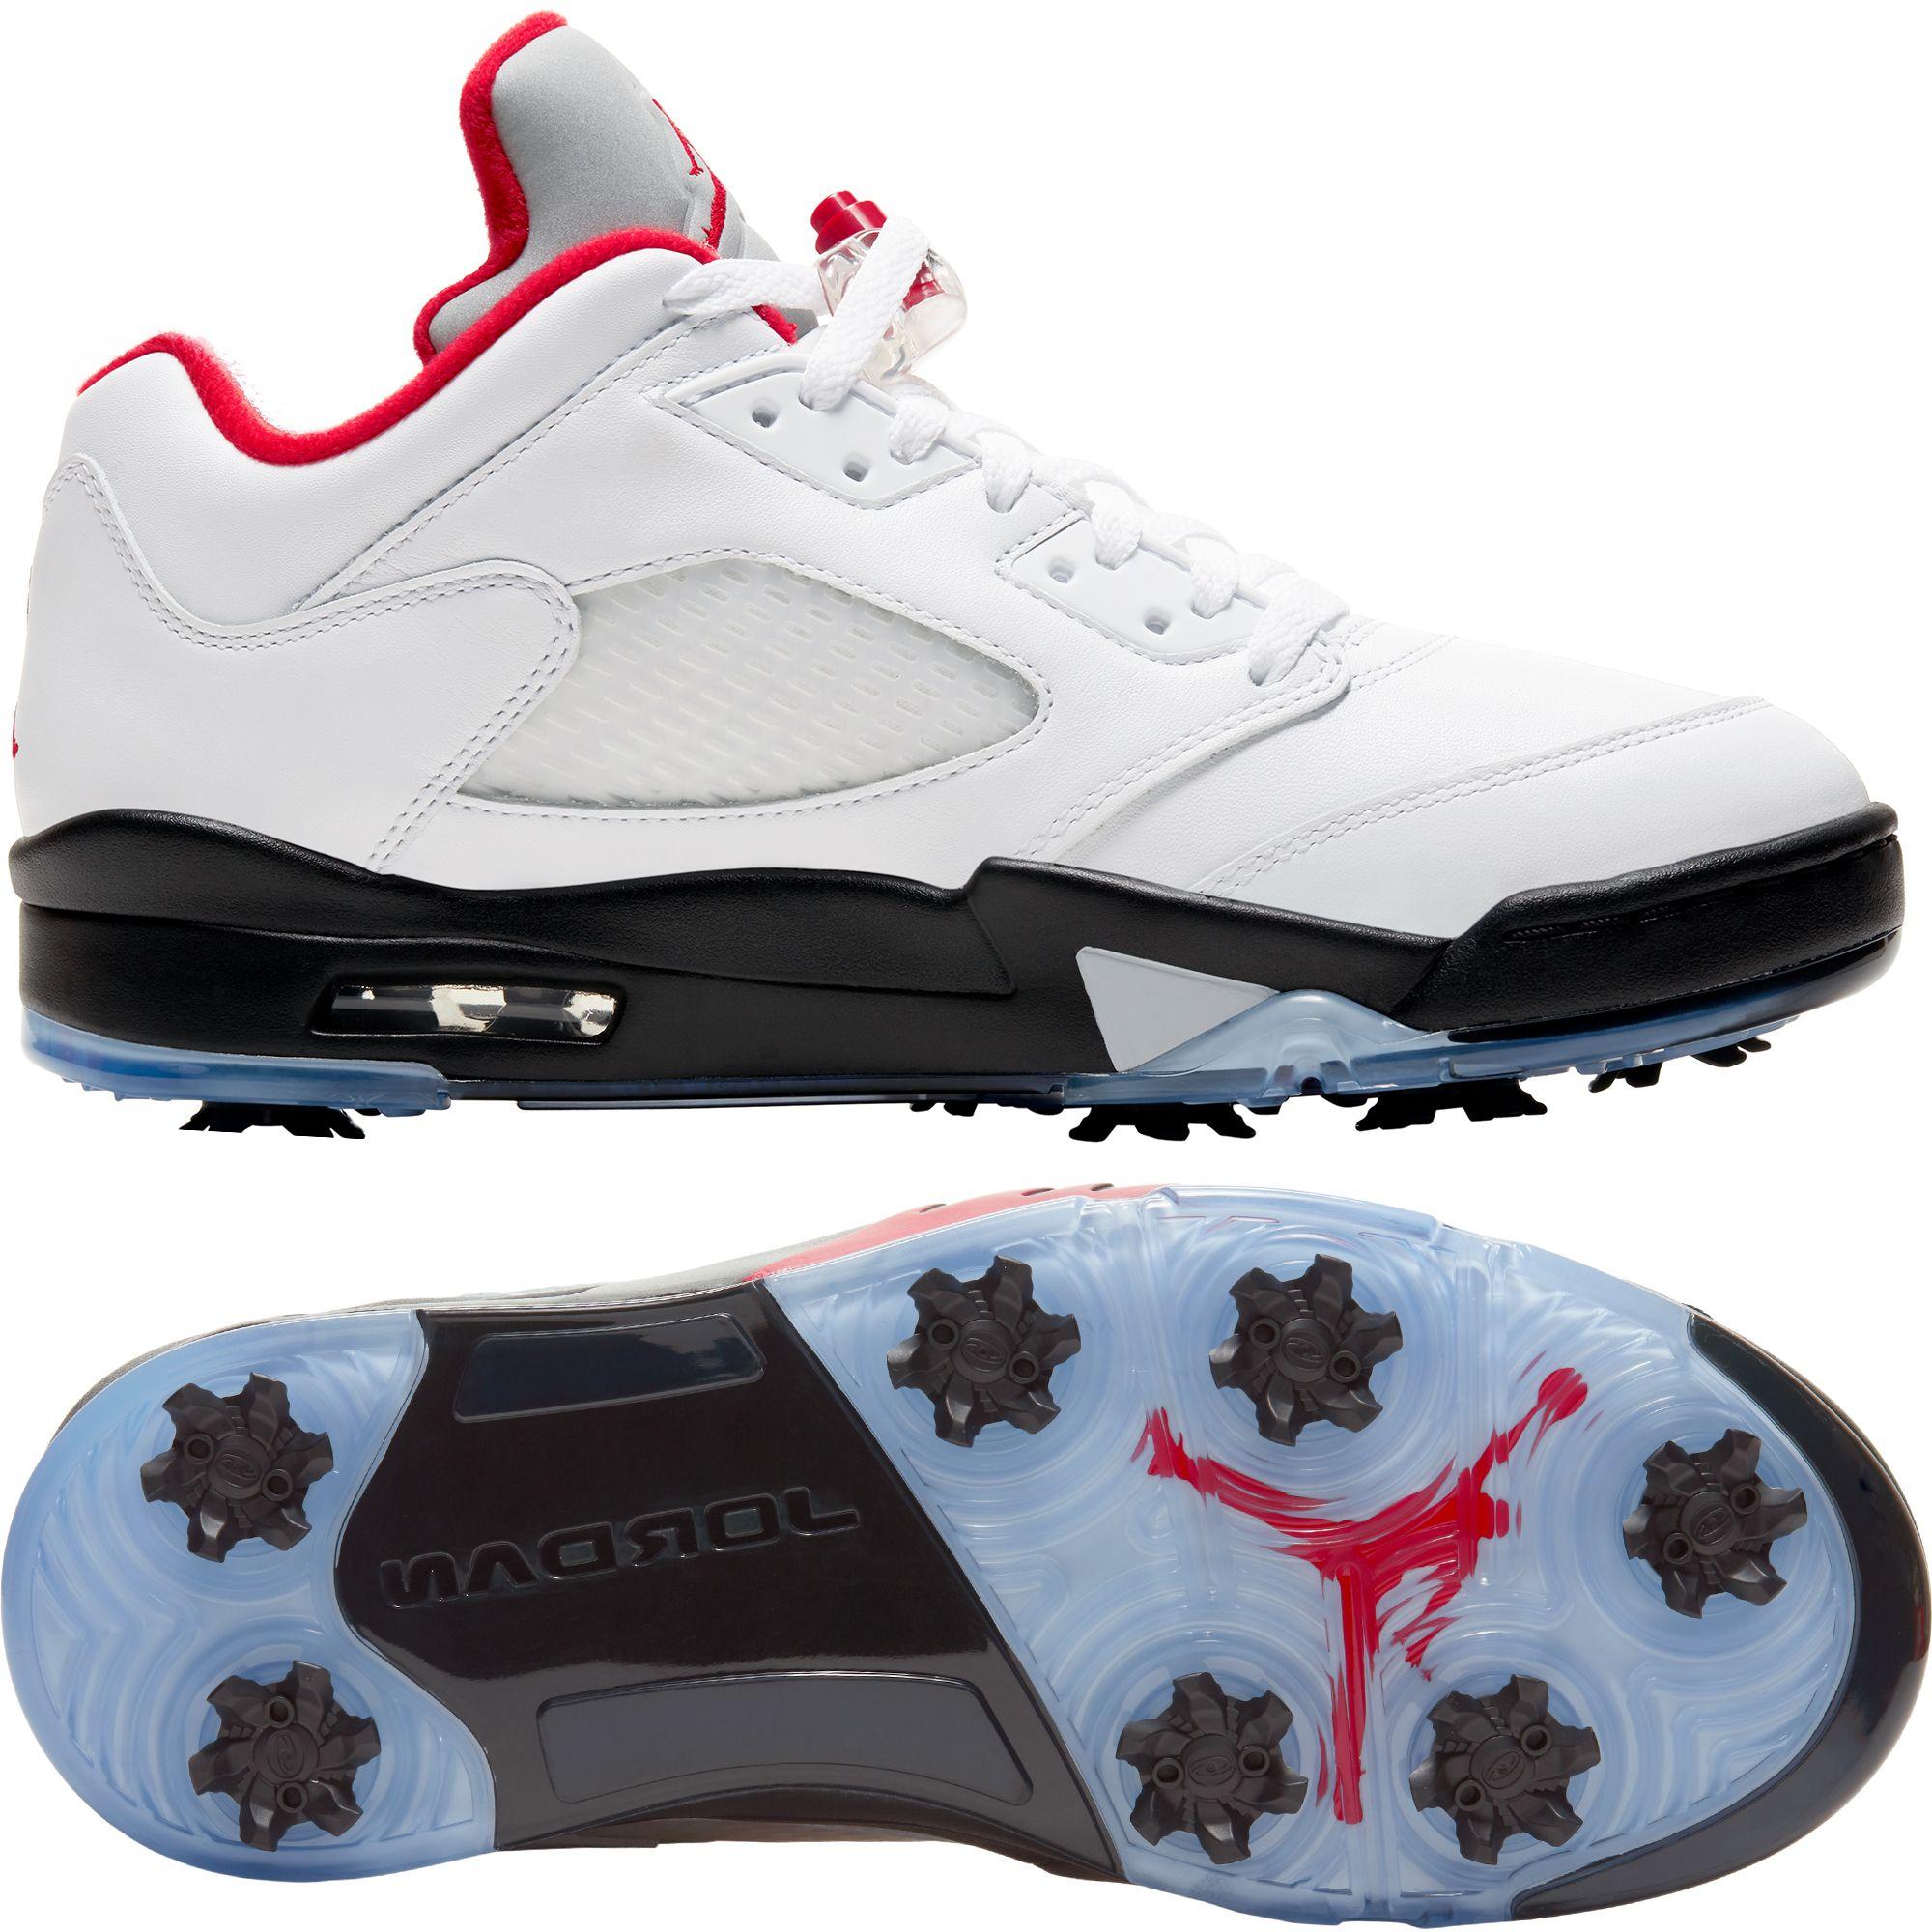 shoes nikes jordans